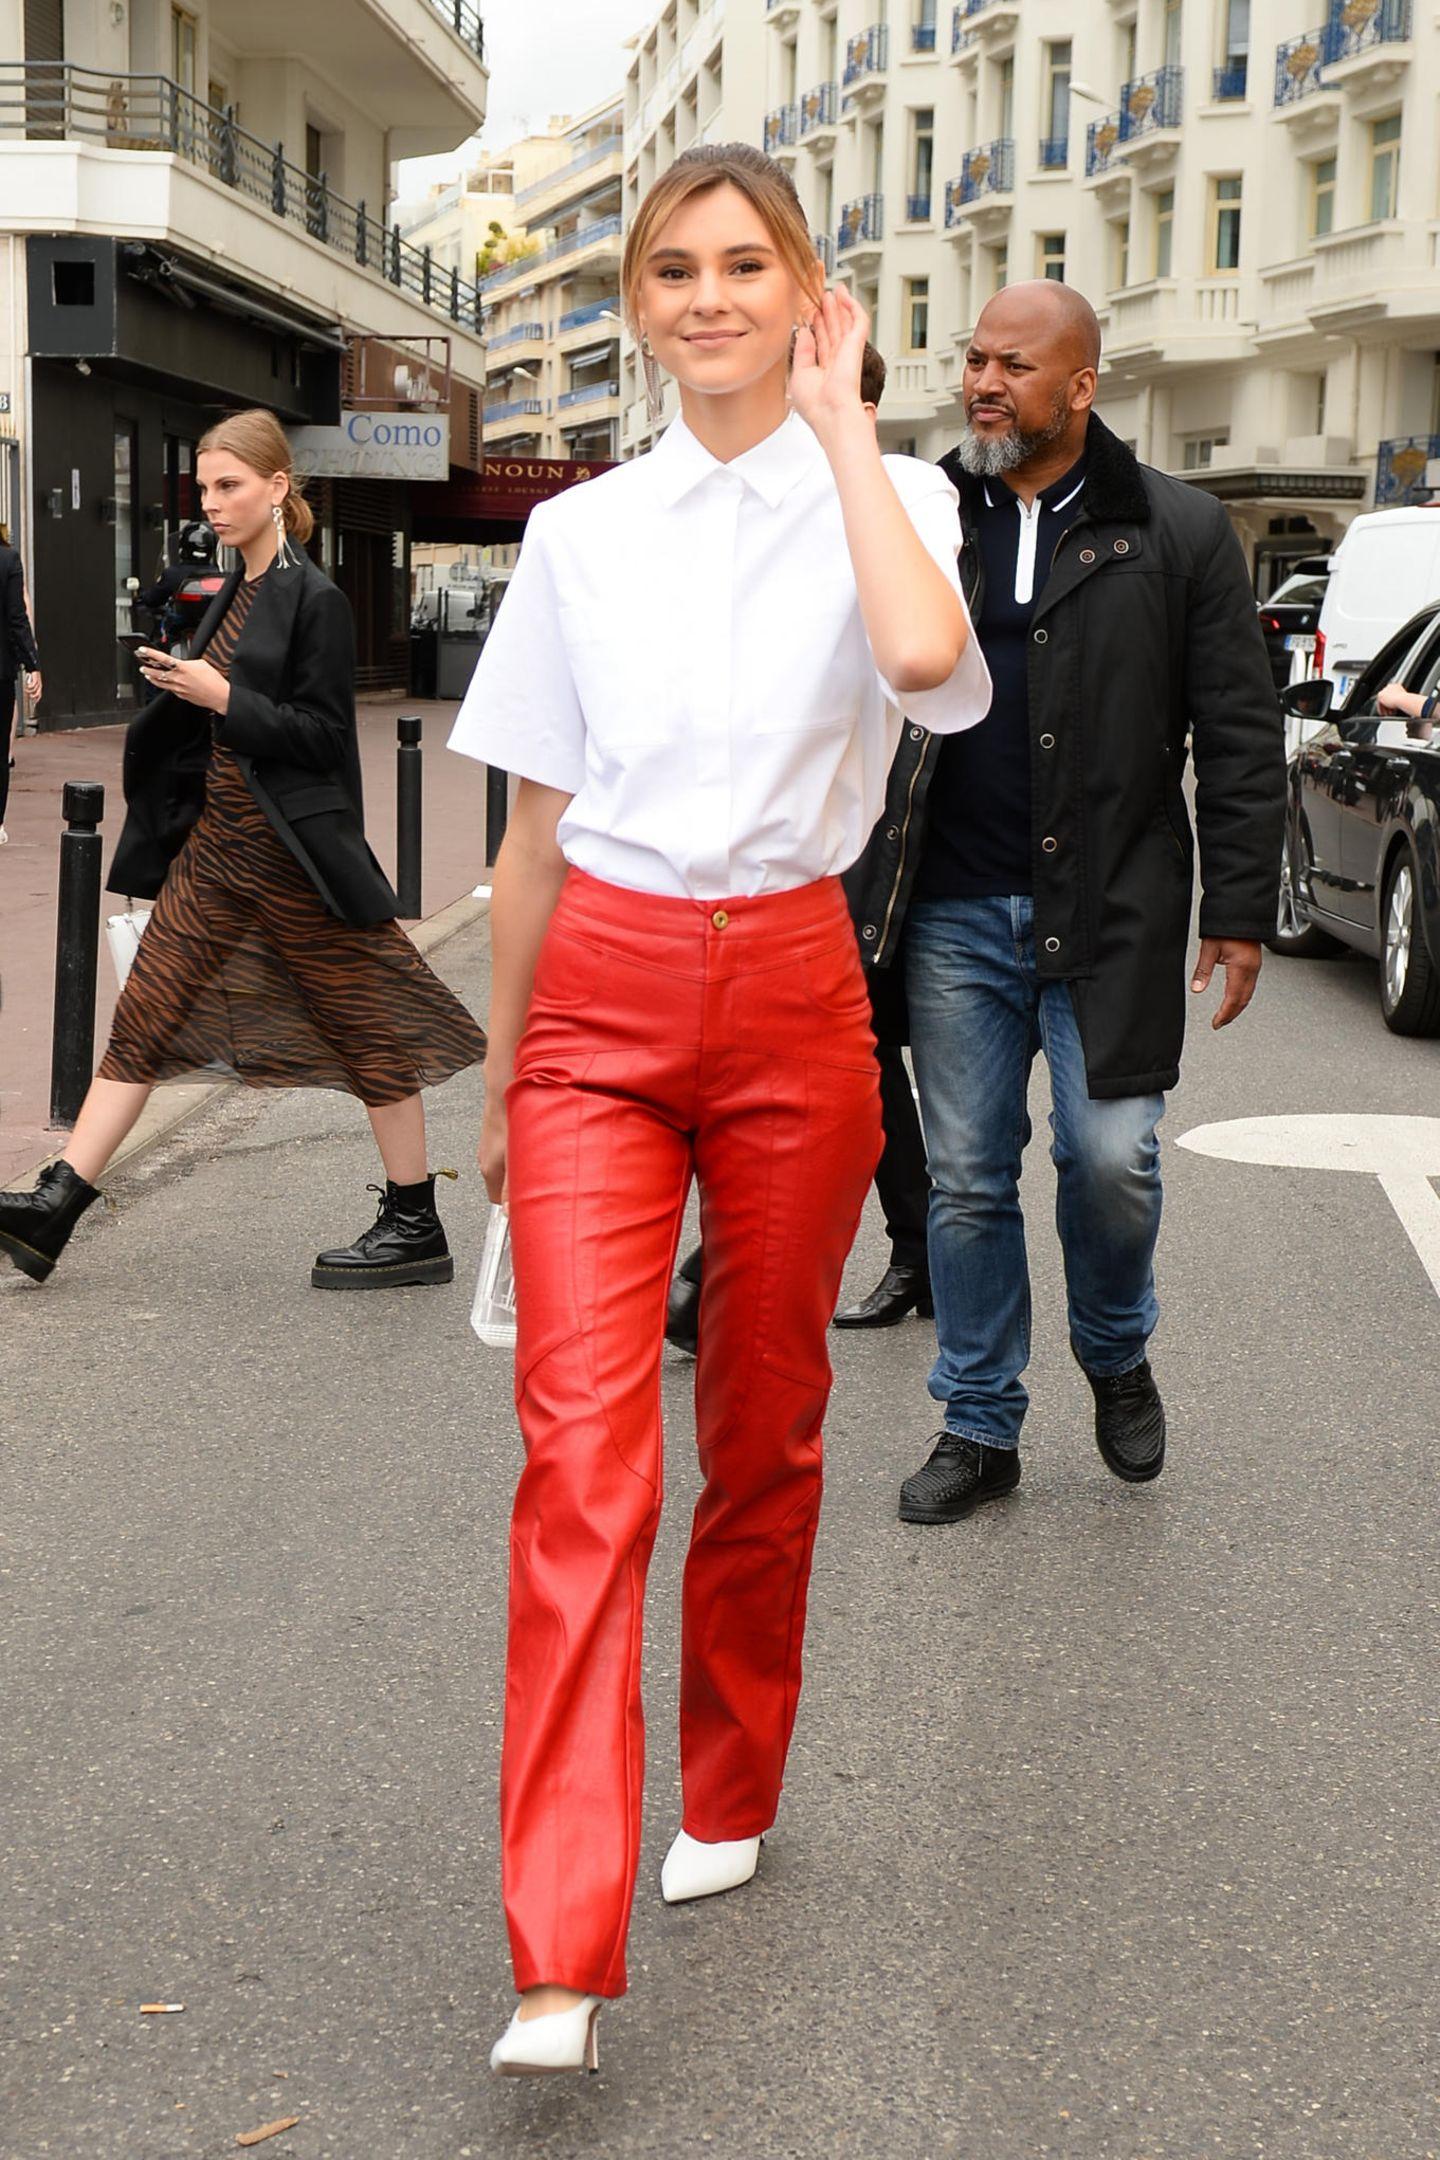 Zur weißen Bluse muss bei Stefanie Giesinger ein starker Kontrast her. Sie bricht den Schulmädchen-Look mit einer knallroten Lederhose.